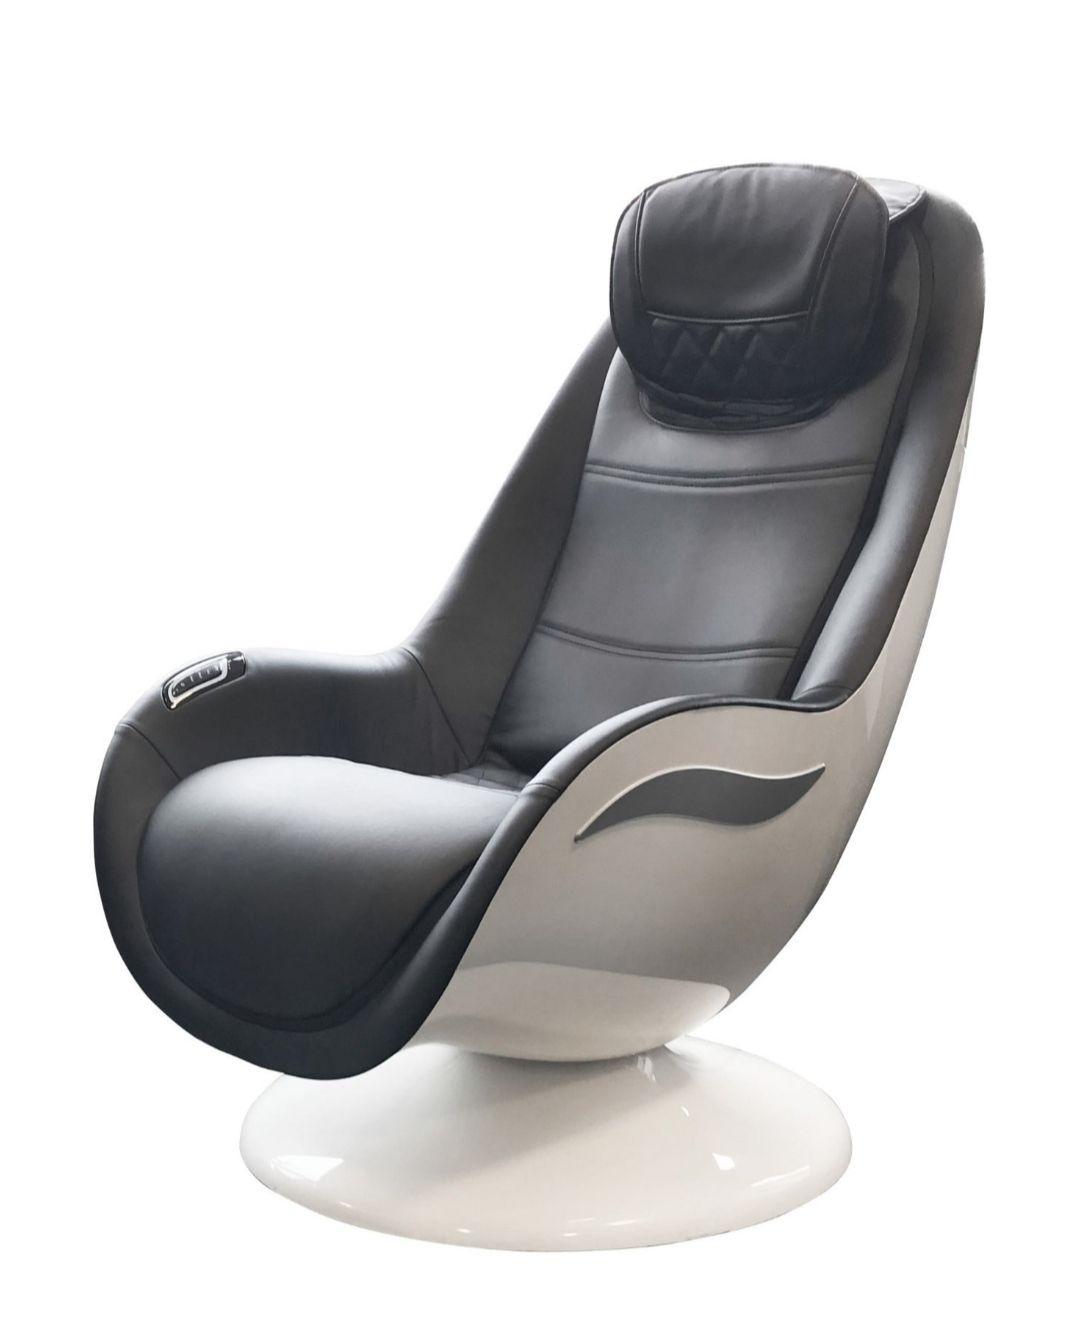 Medisana RS650 - Massagesessel (Ebay)